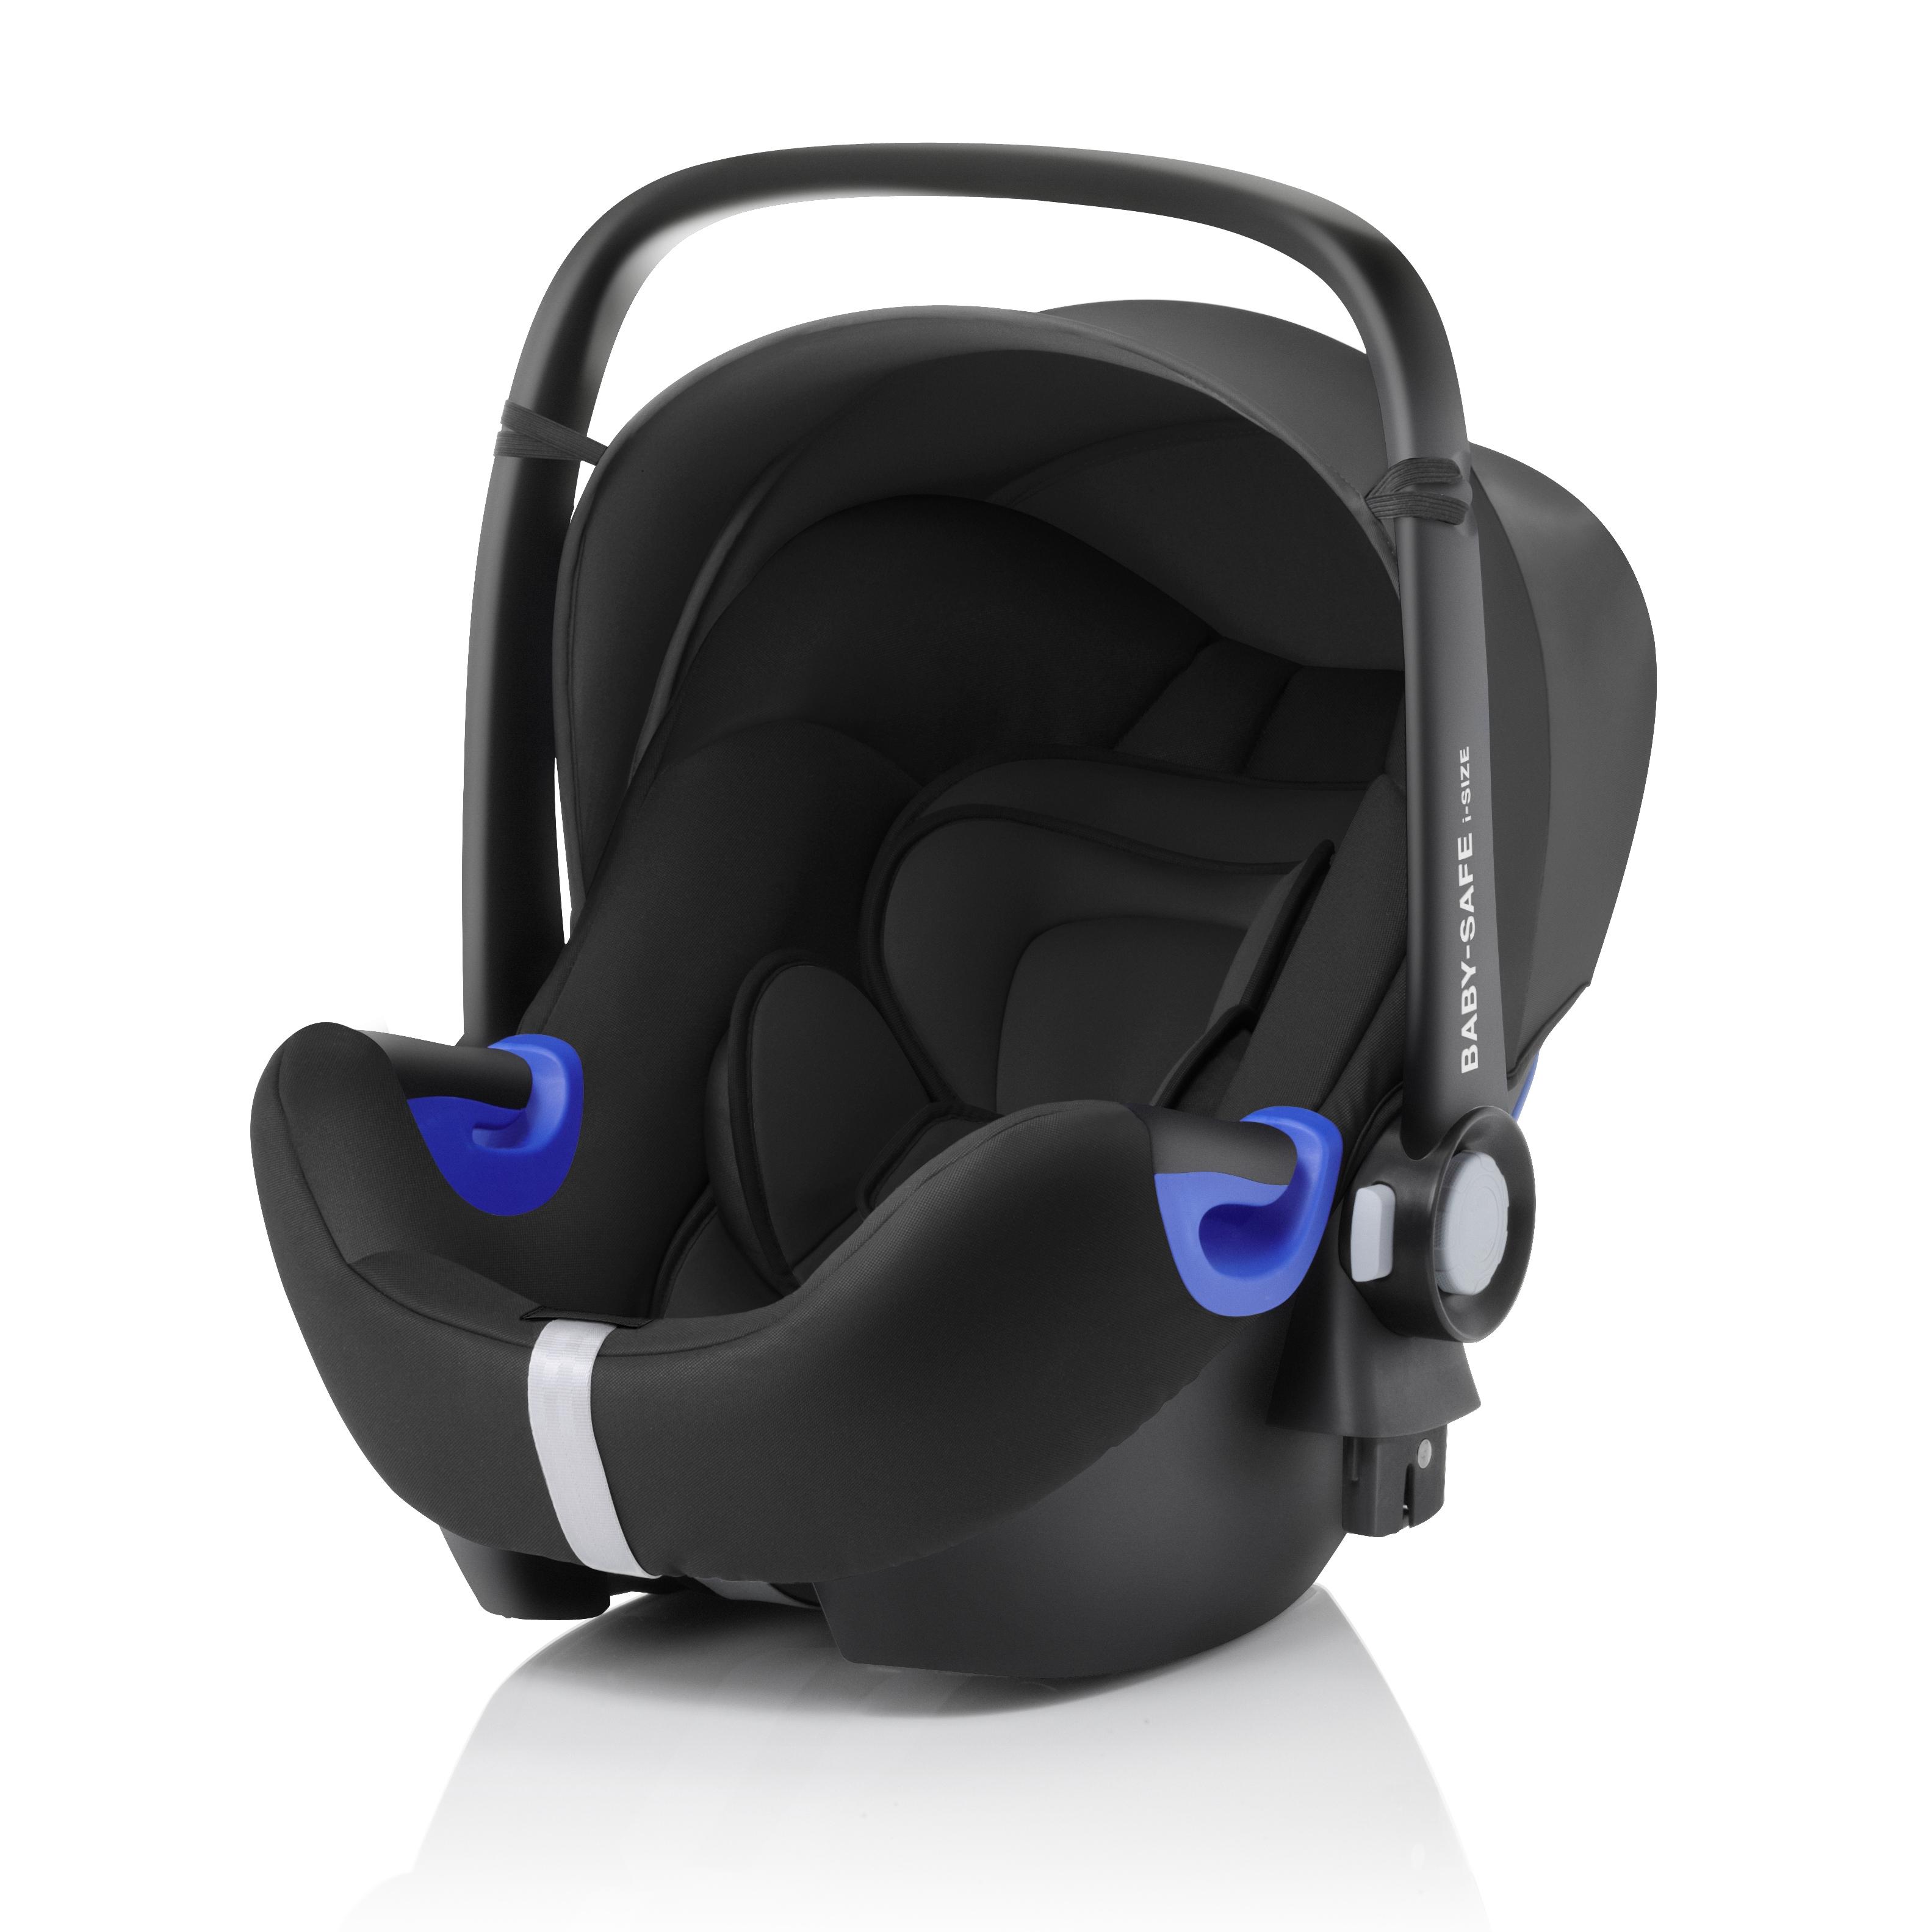 przepisy dotyczące przewożenia dzieci, europejskie standardy bezpieczeństwa, britax romer, baby-safe i-size